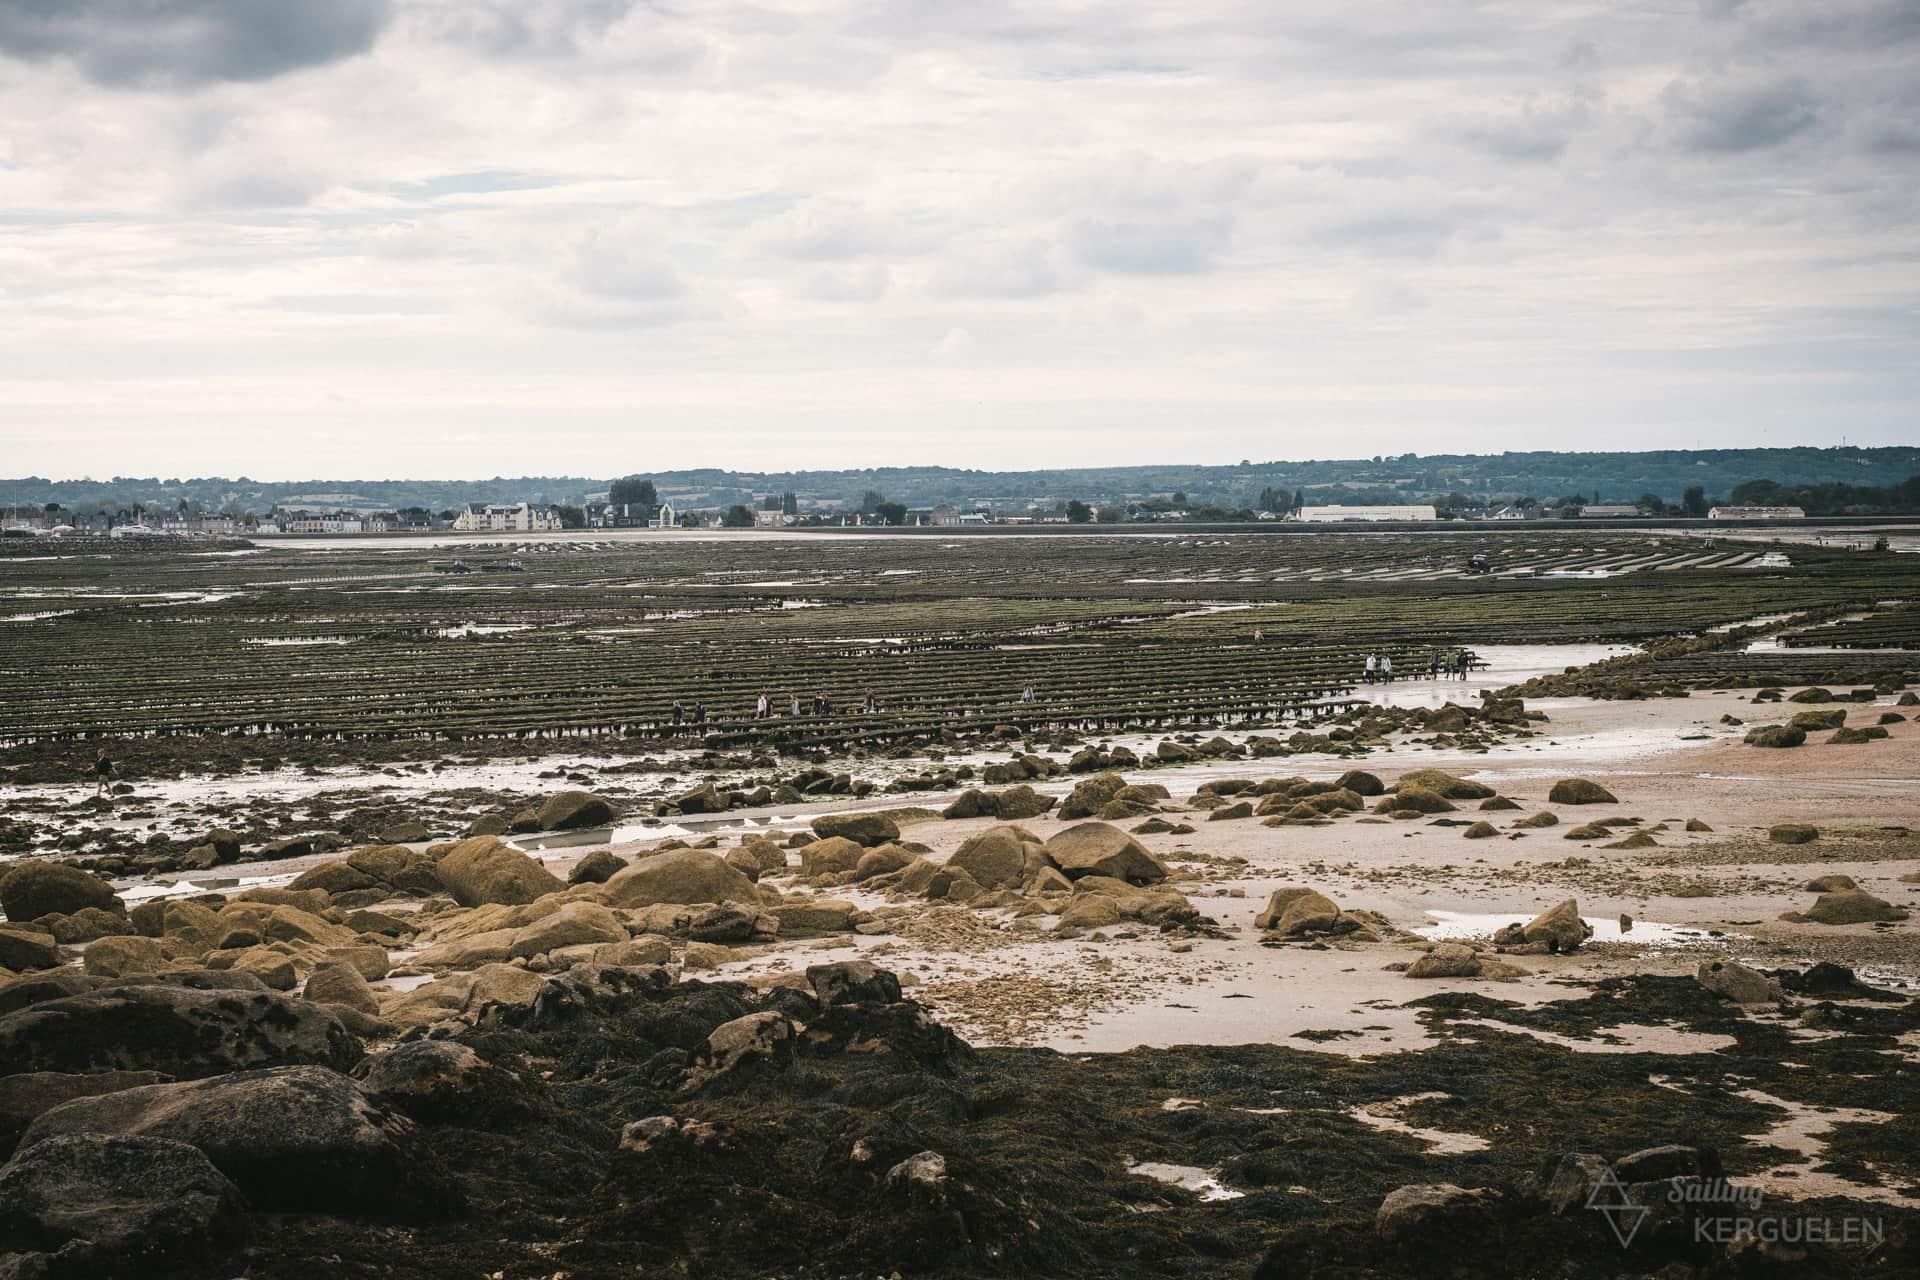 Les parcs ostréicoles à Saint-Vaast-la-Hougue